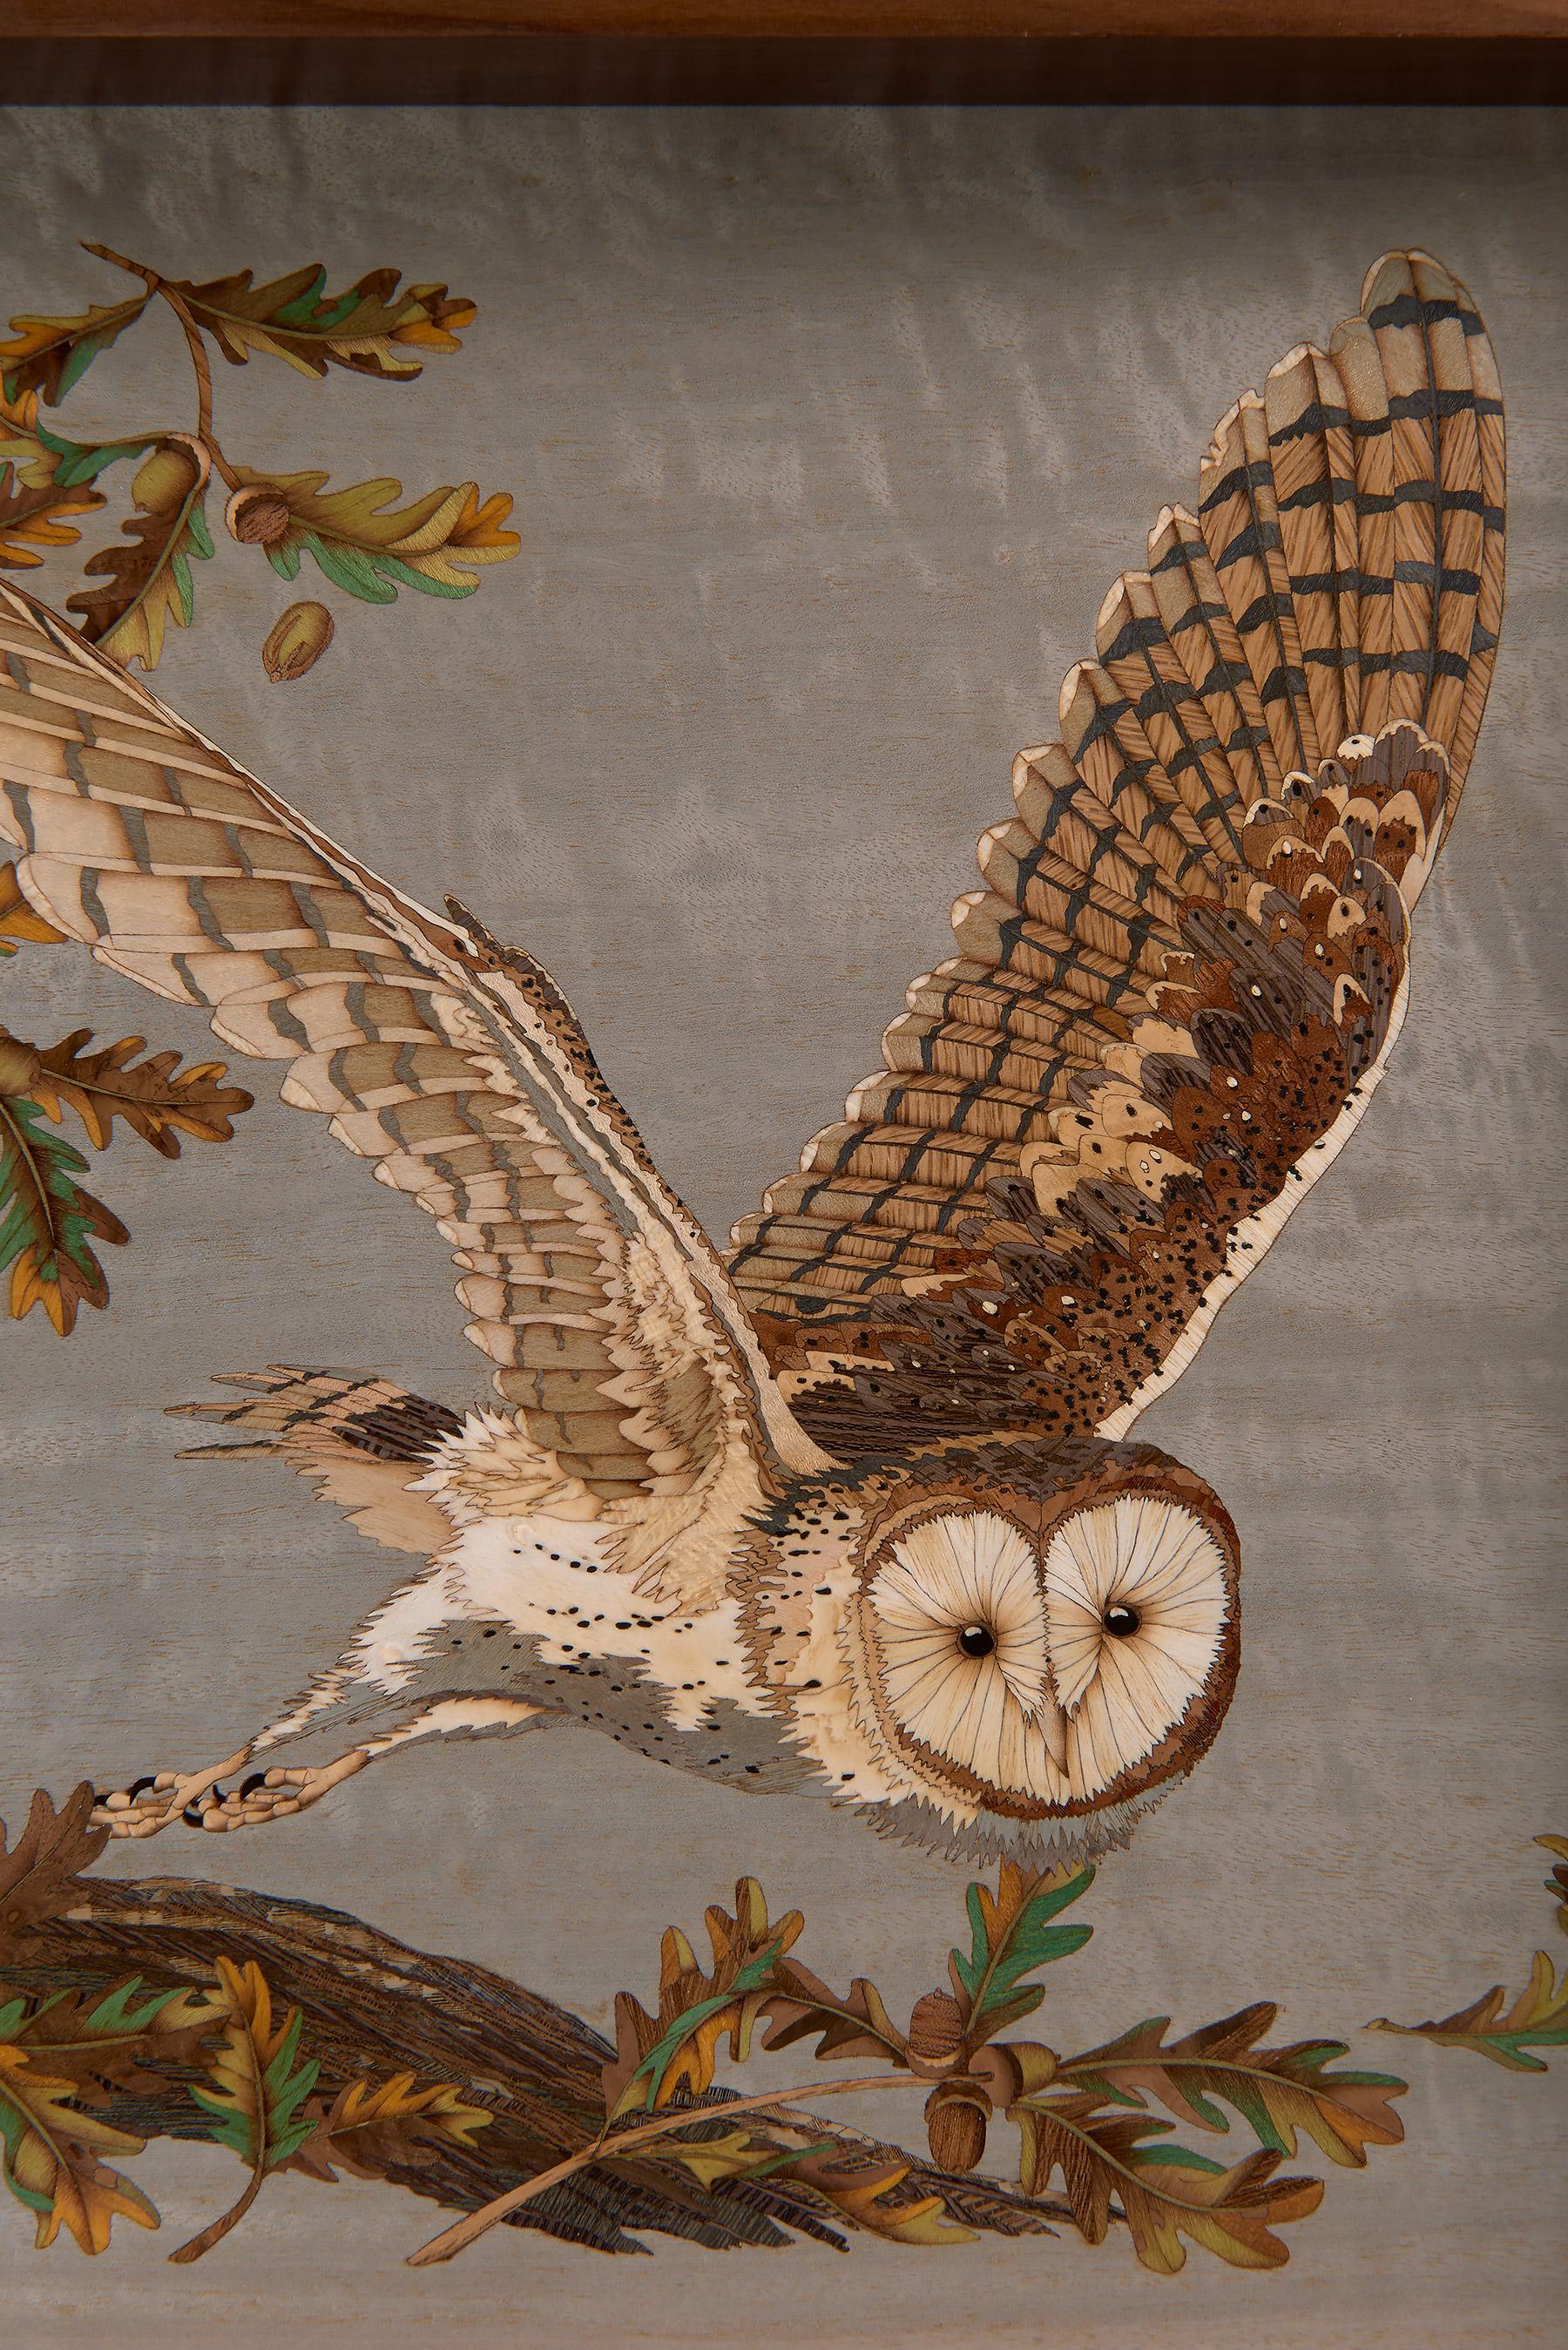 Observant Owl Response